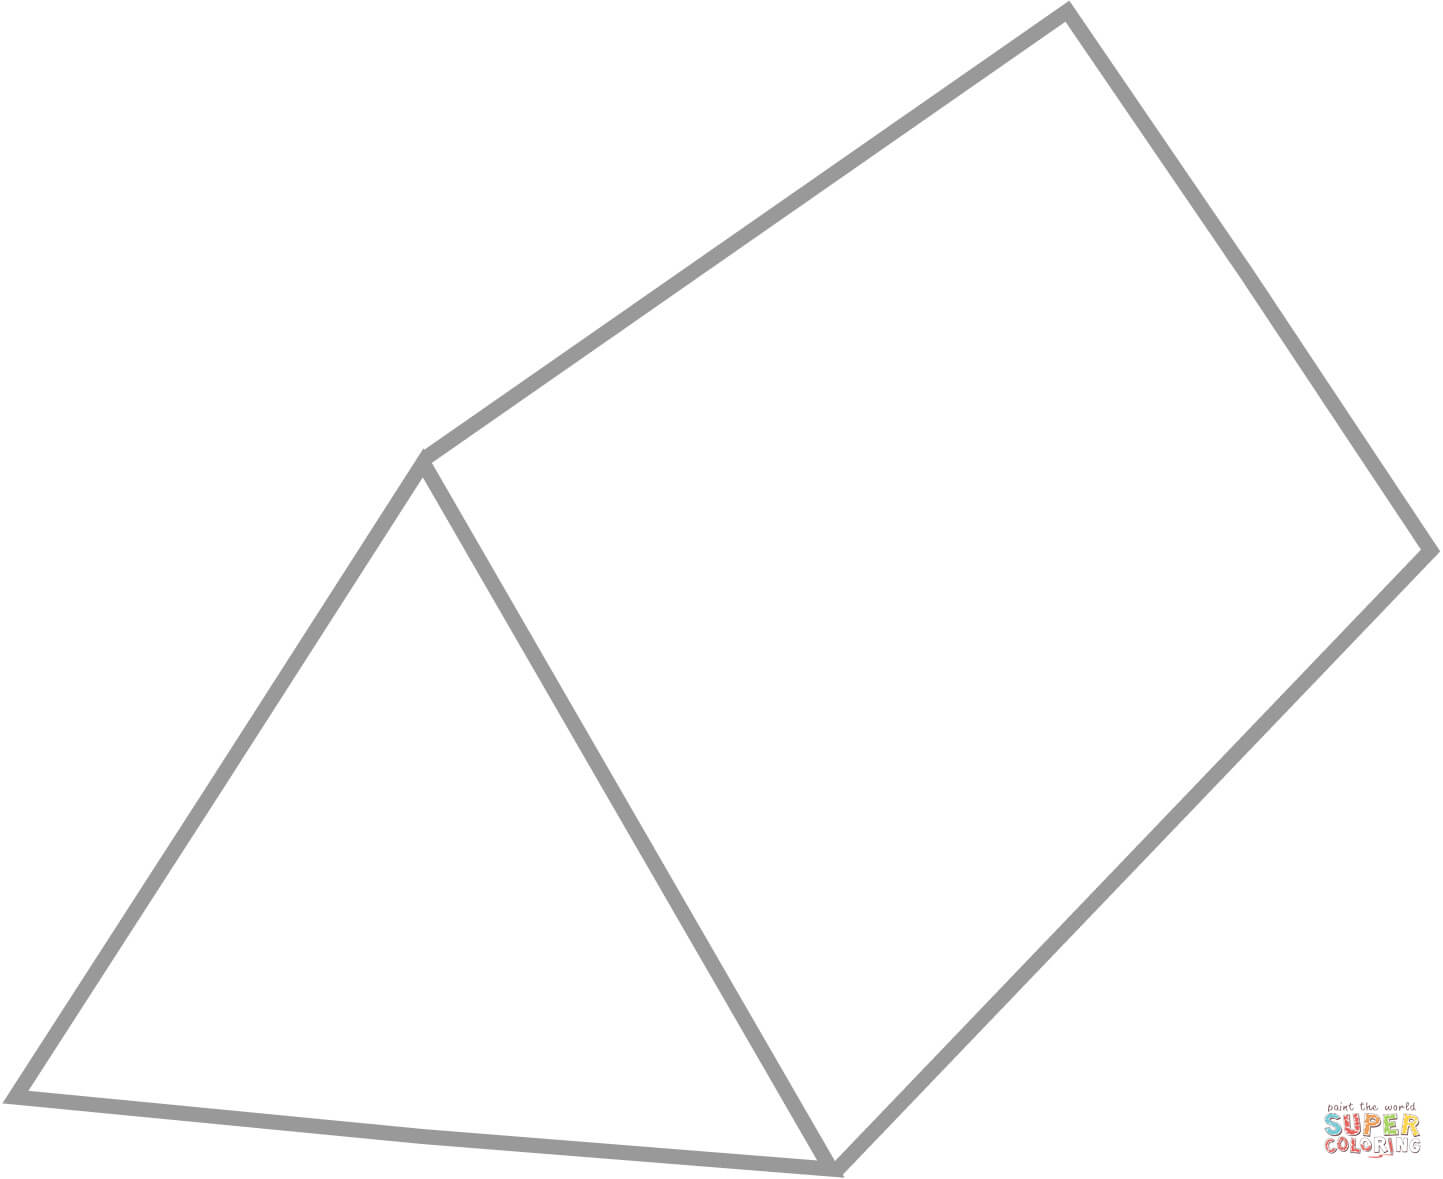 Triangular Prism Clipart